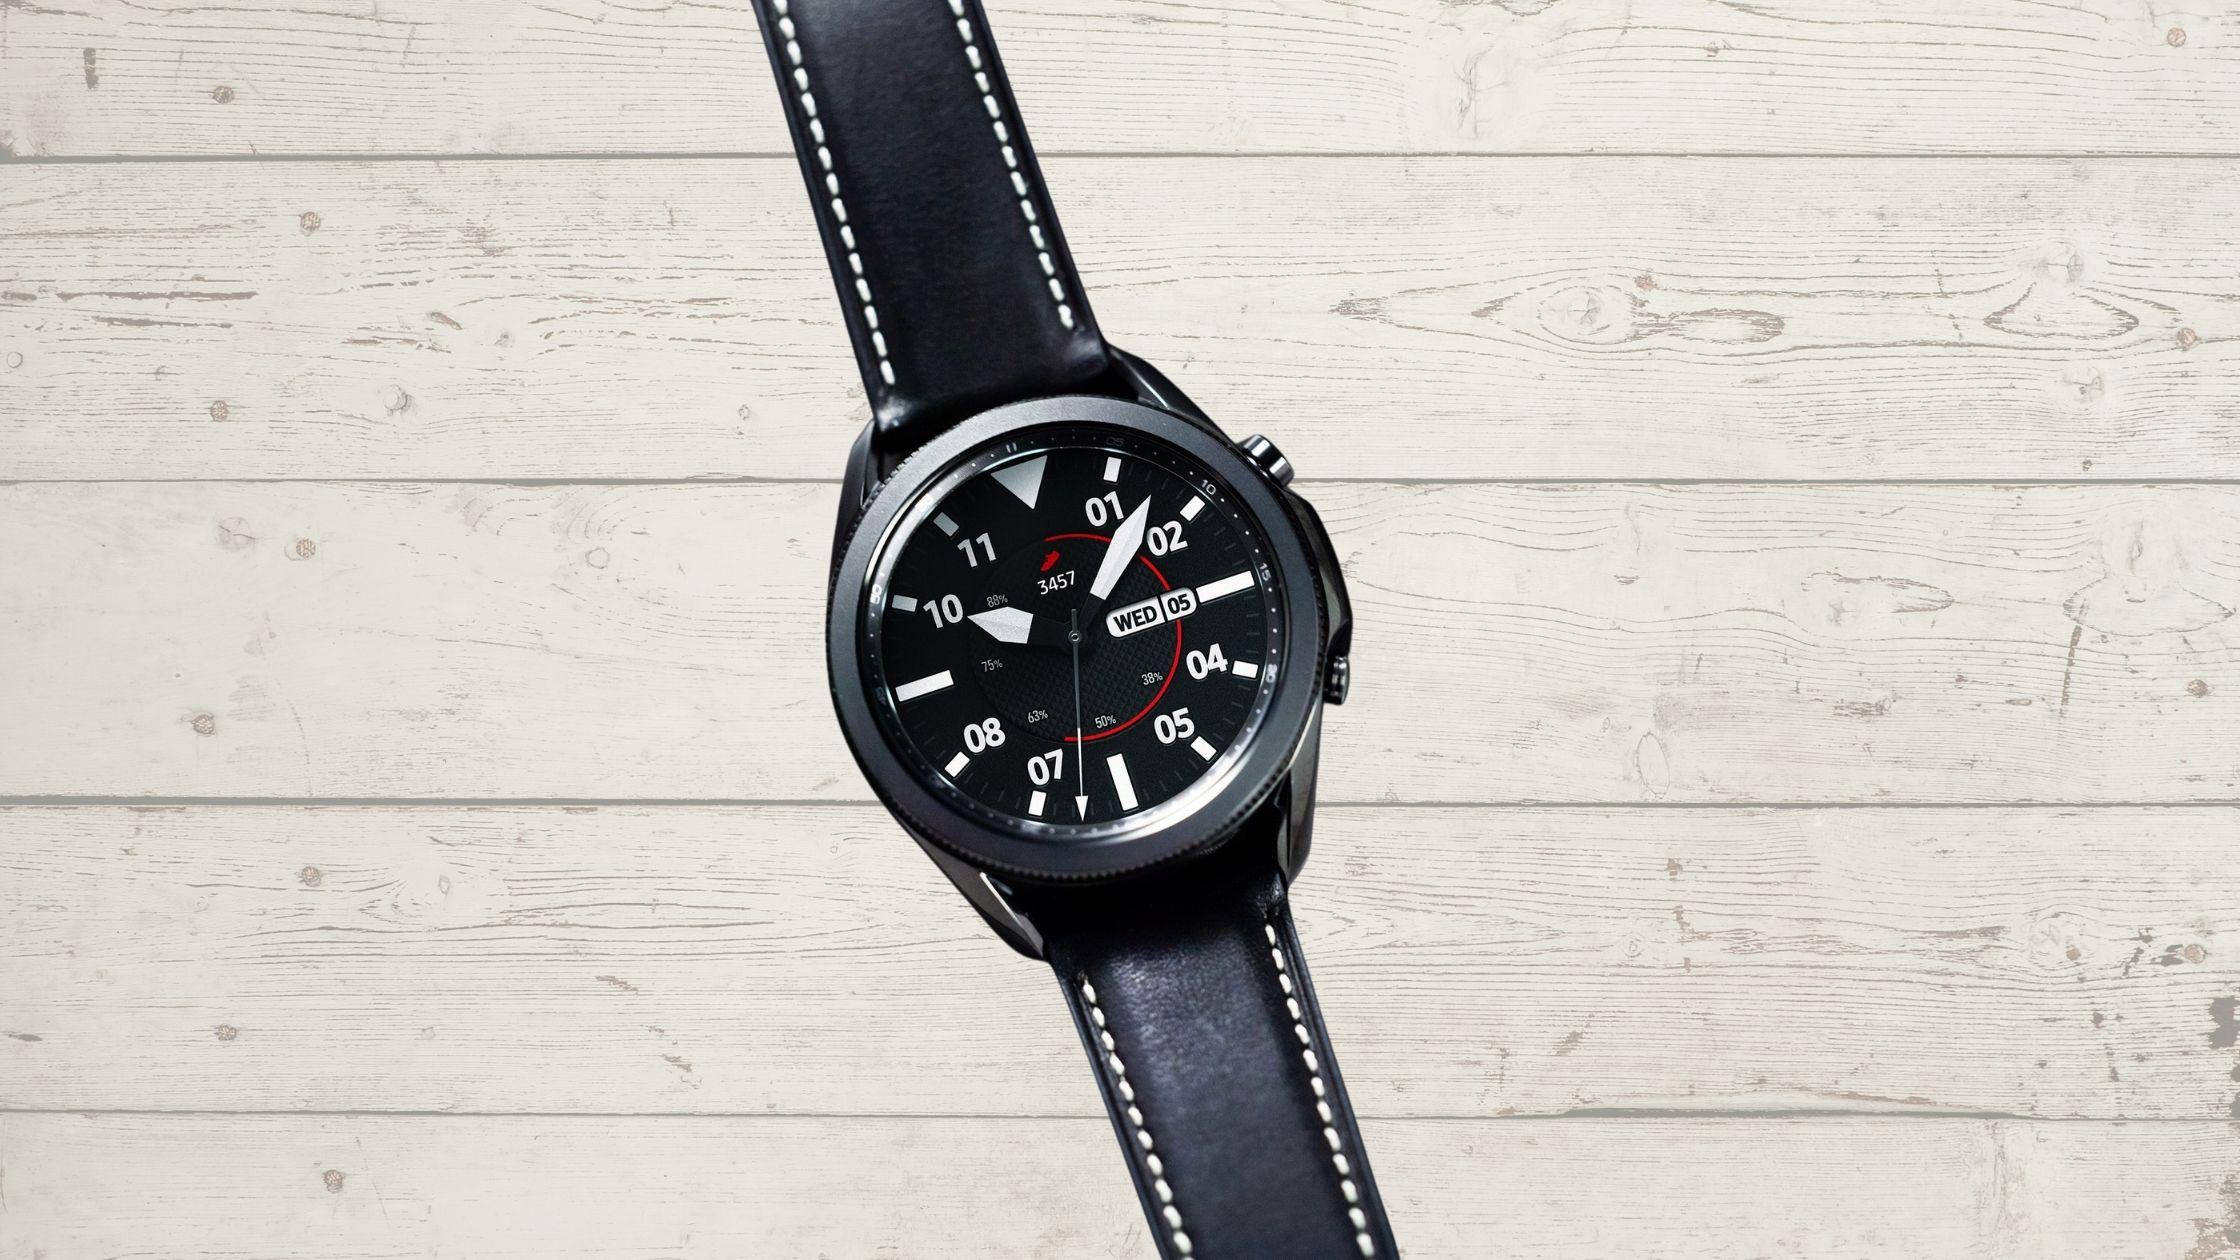 Samsung Galaxy Watch 4 Versi LTE